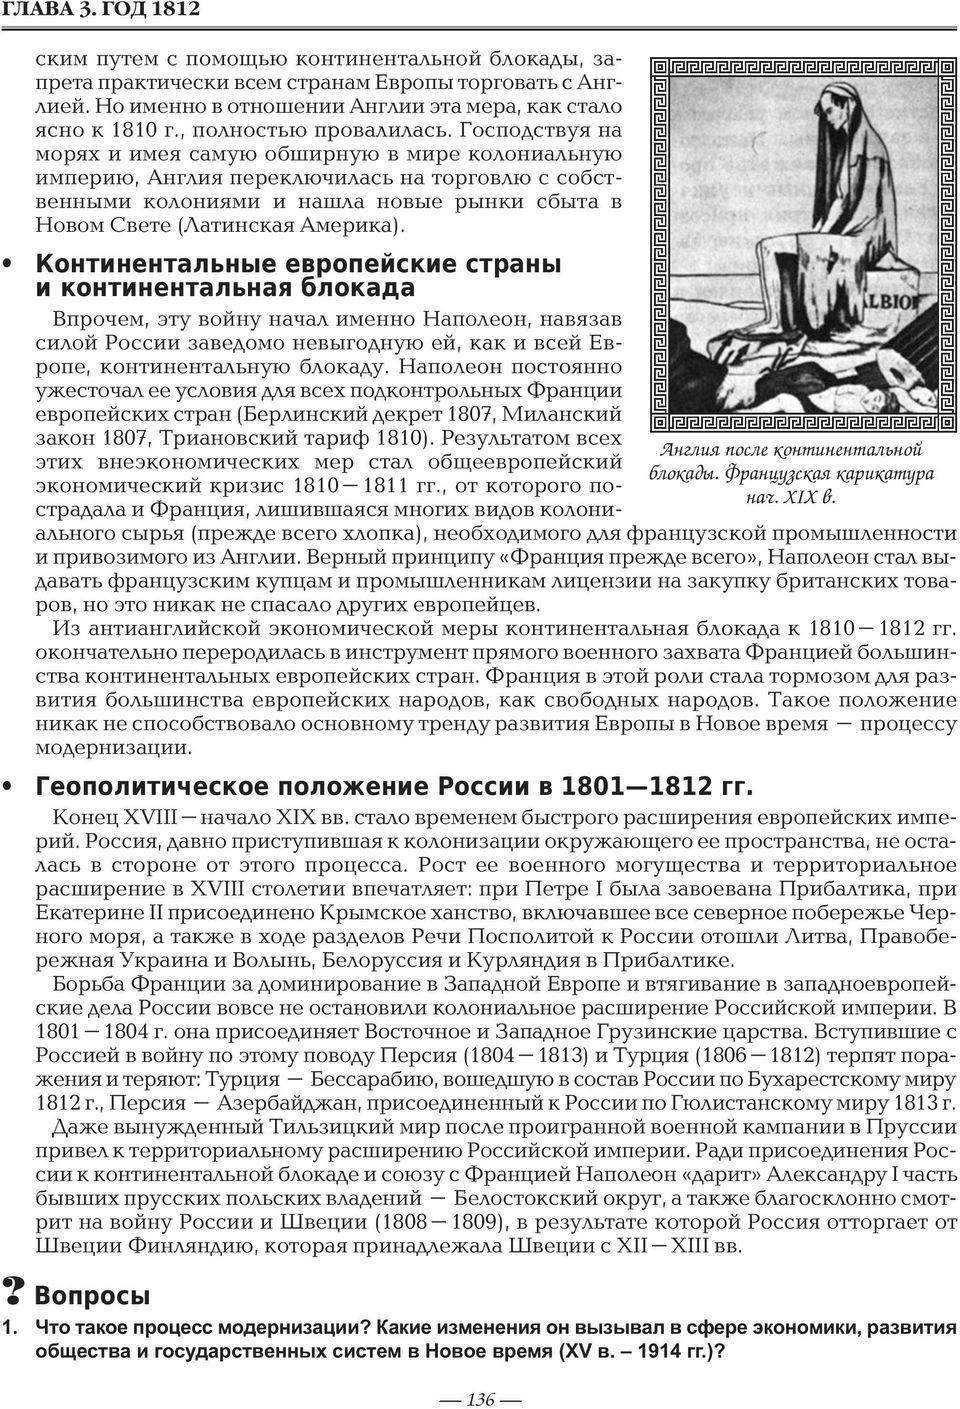 Континентальная блокада - это неудачный прожект наполеона бонапарта :: syl.ru